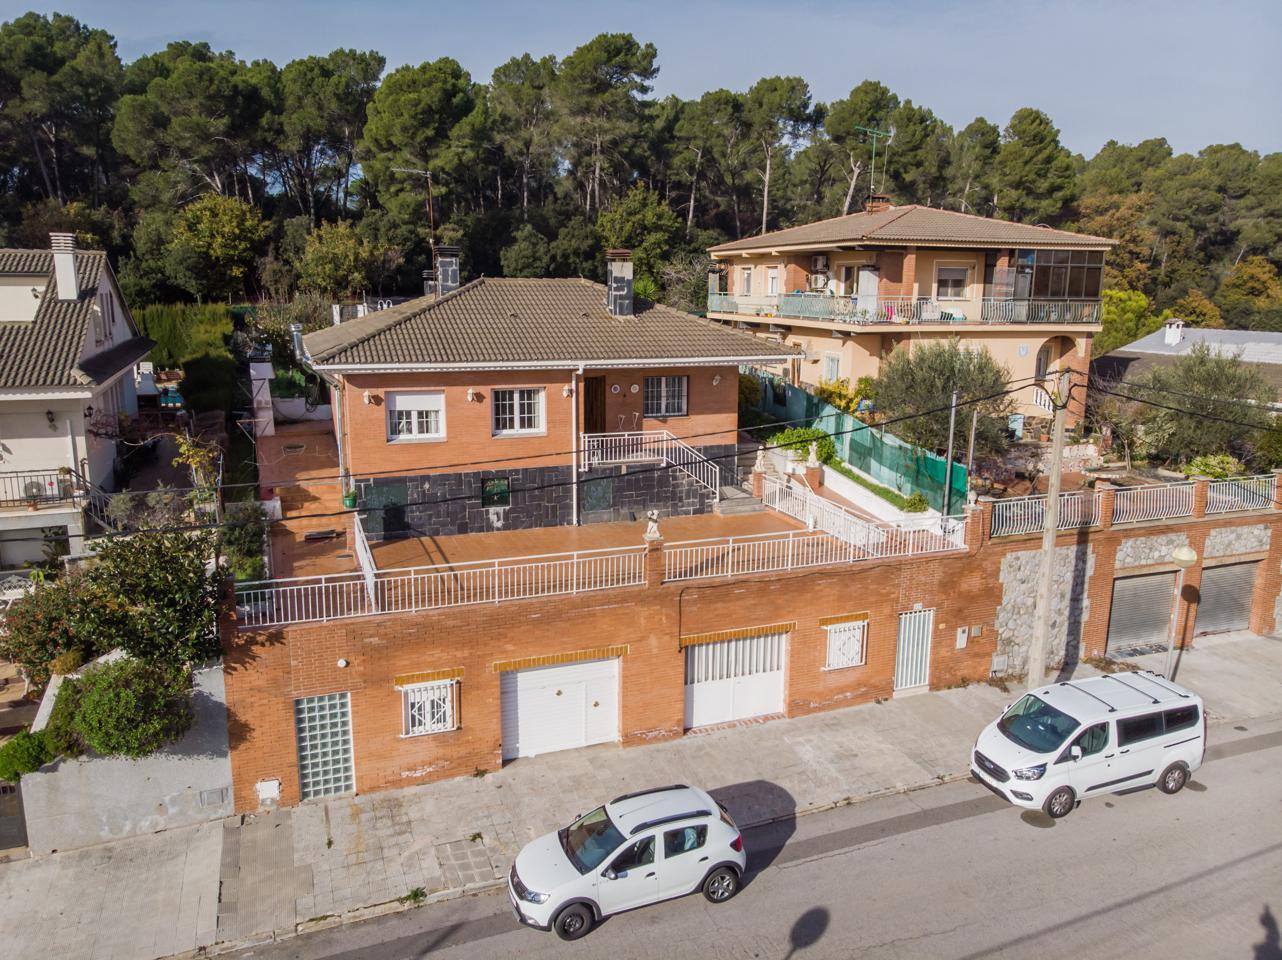 villa en llica-d'amunt · passeig-de-sant-valeria-08186 250000€